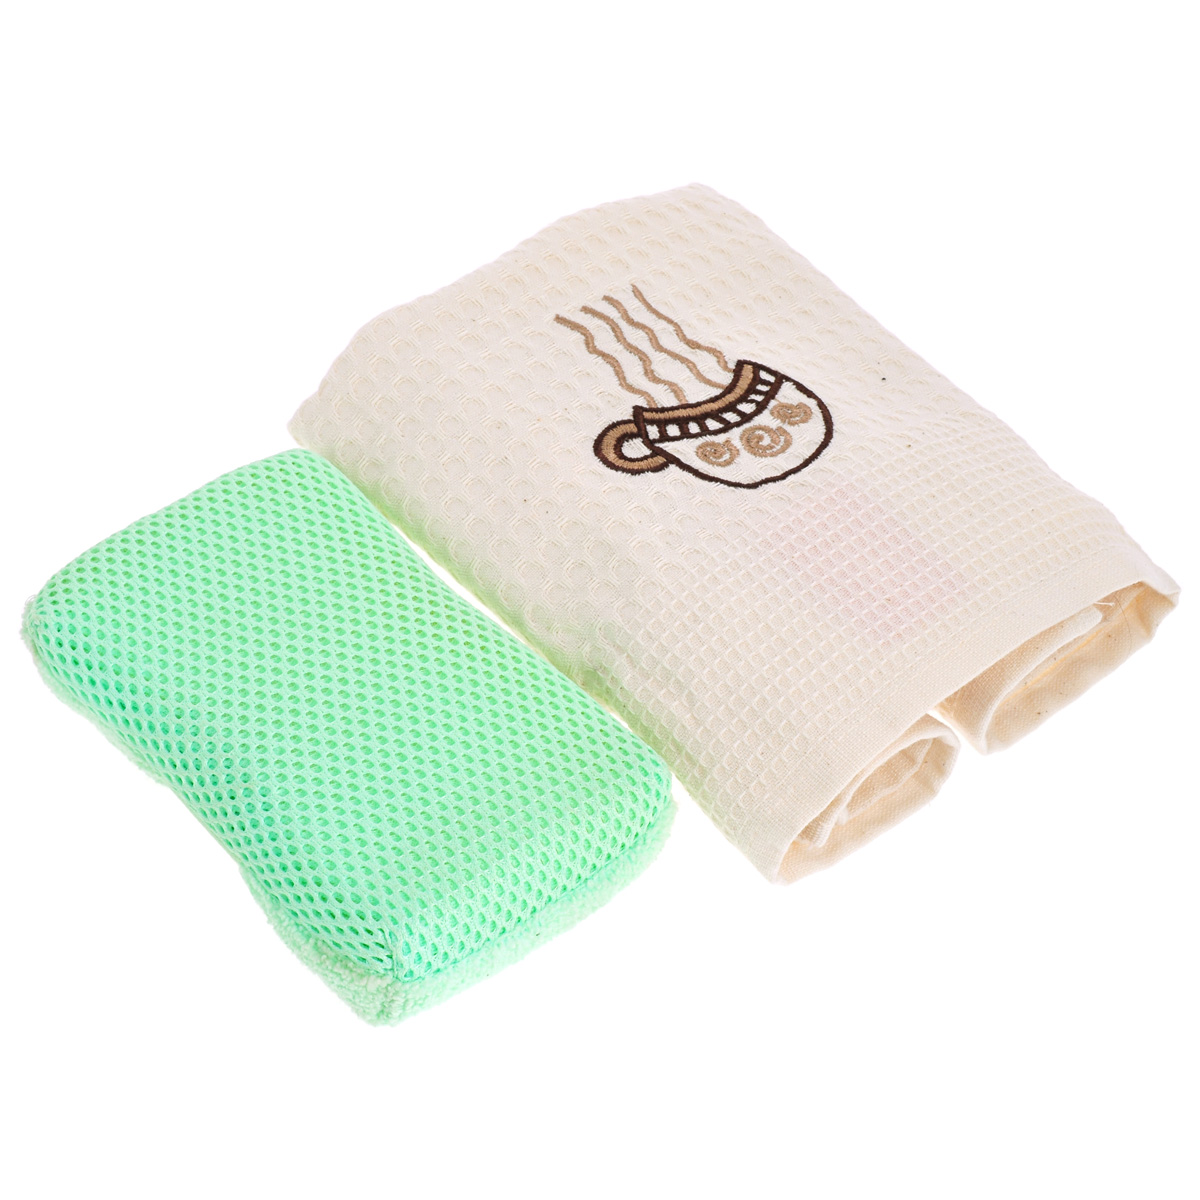 Подарочный набор для кухни Bonita Чайный сюрприз. Чашка, 2 предмета115510Подарочный набор для кухни Bonita Чайный сюрприз состоит из вафельного полотенца и губки из микрофибры. Полотенце выполнено из 100% хлопка и декорировано вышивкой в виде чашки. Такой набор оригинально украсит интерьер и будет уместен на любой кухне. Прекрасно подойдет в качестве подарка, который окажется не только приятным, но и полезным в хозяйстве.